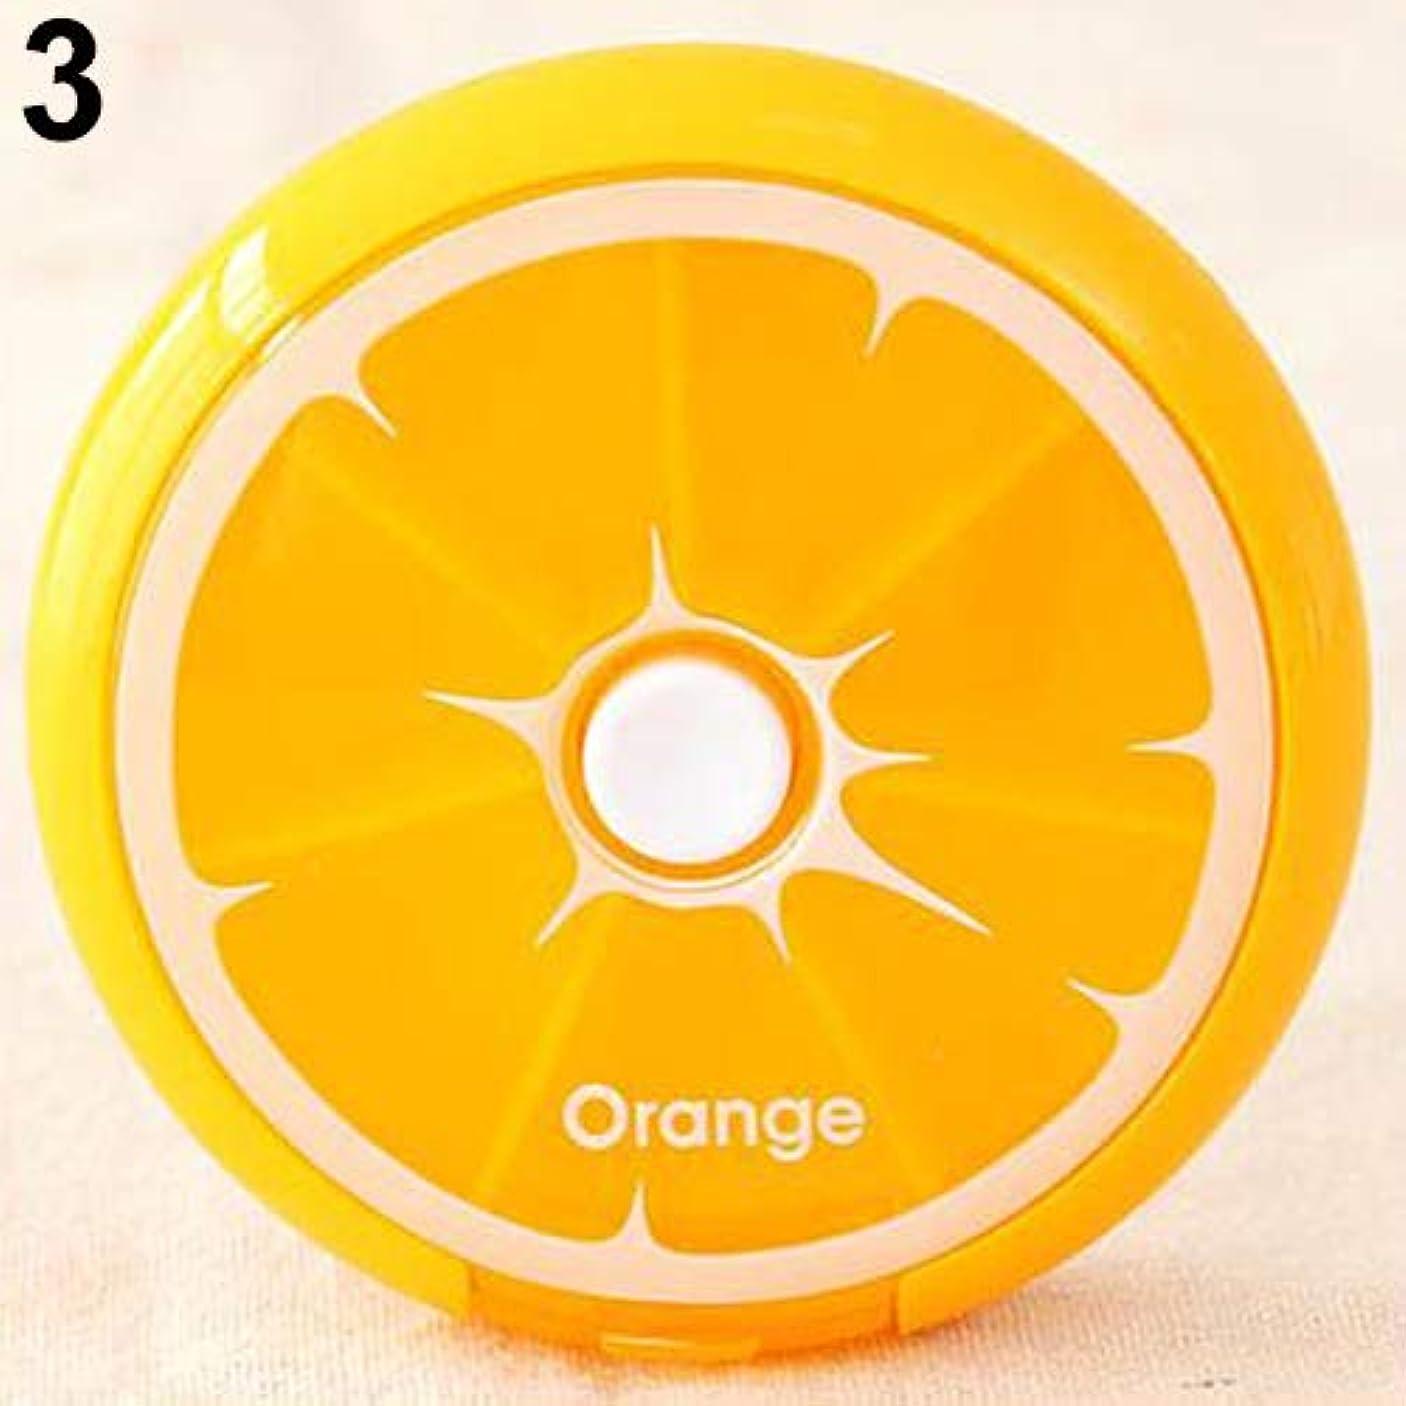 メッセンジャーヘッジアセhamulekfae-化粧品綺麗7日間ピル収納ウィークリーフルーツラウンドボックス医学オーガナイザーコンテナケース - オレンジ